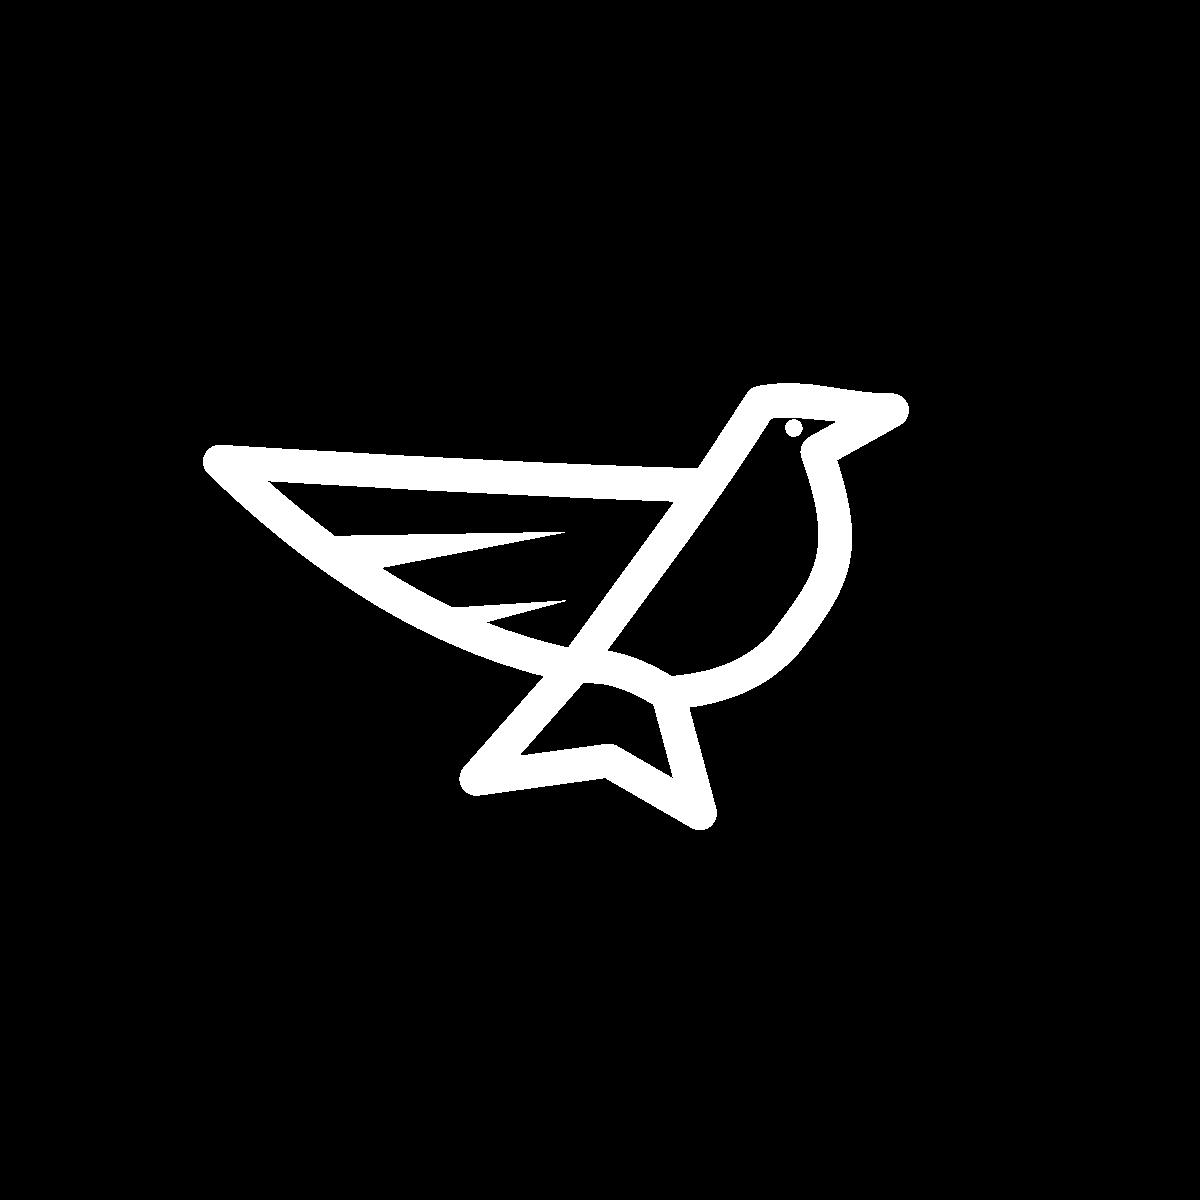 noun_Bird_1567864 (1).png